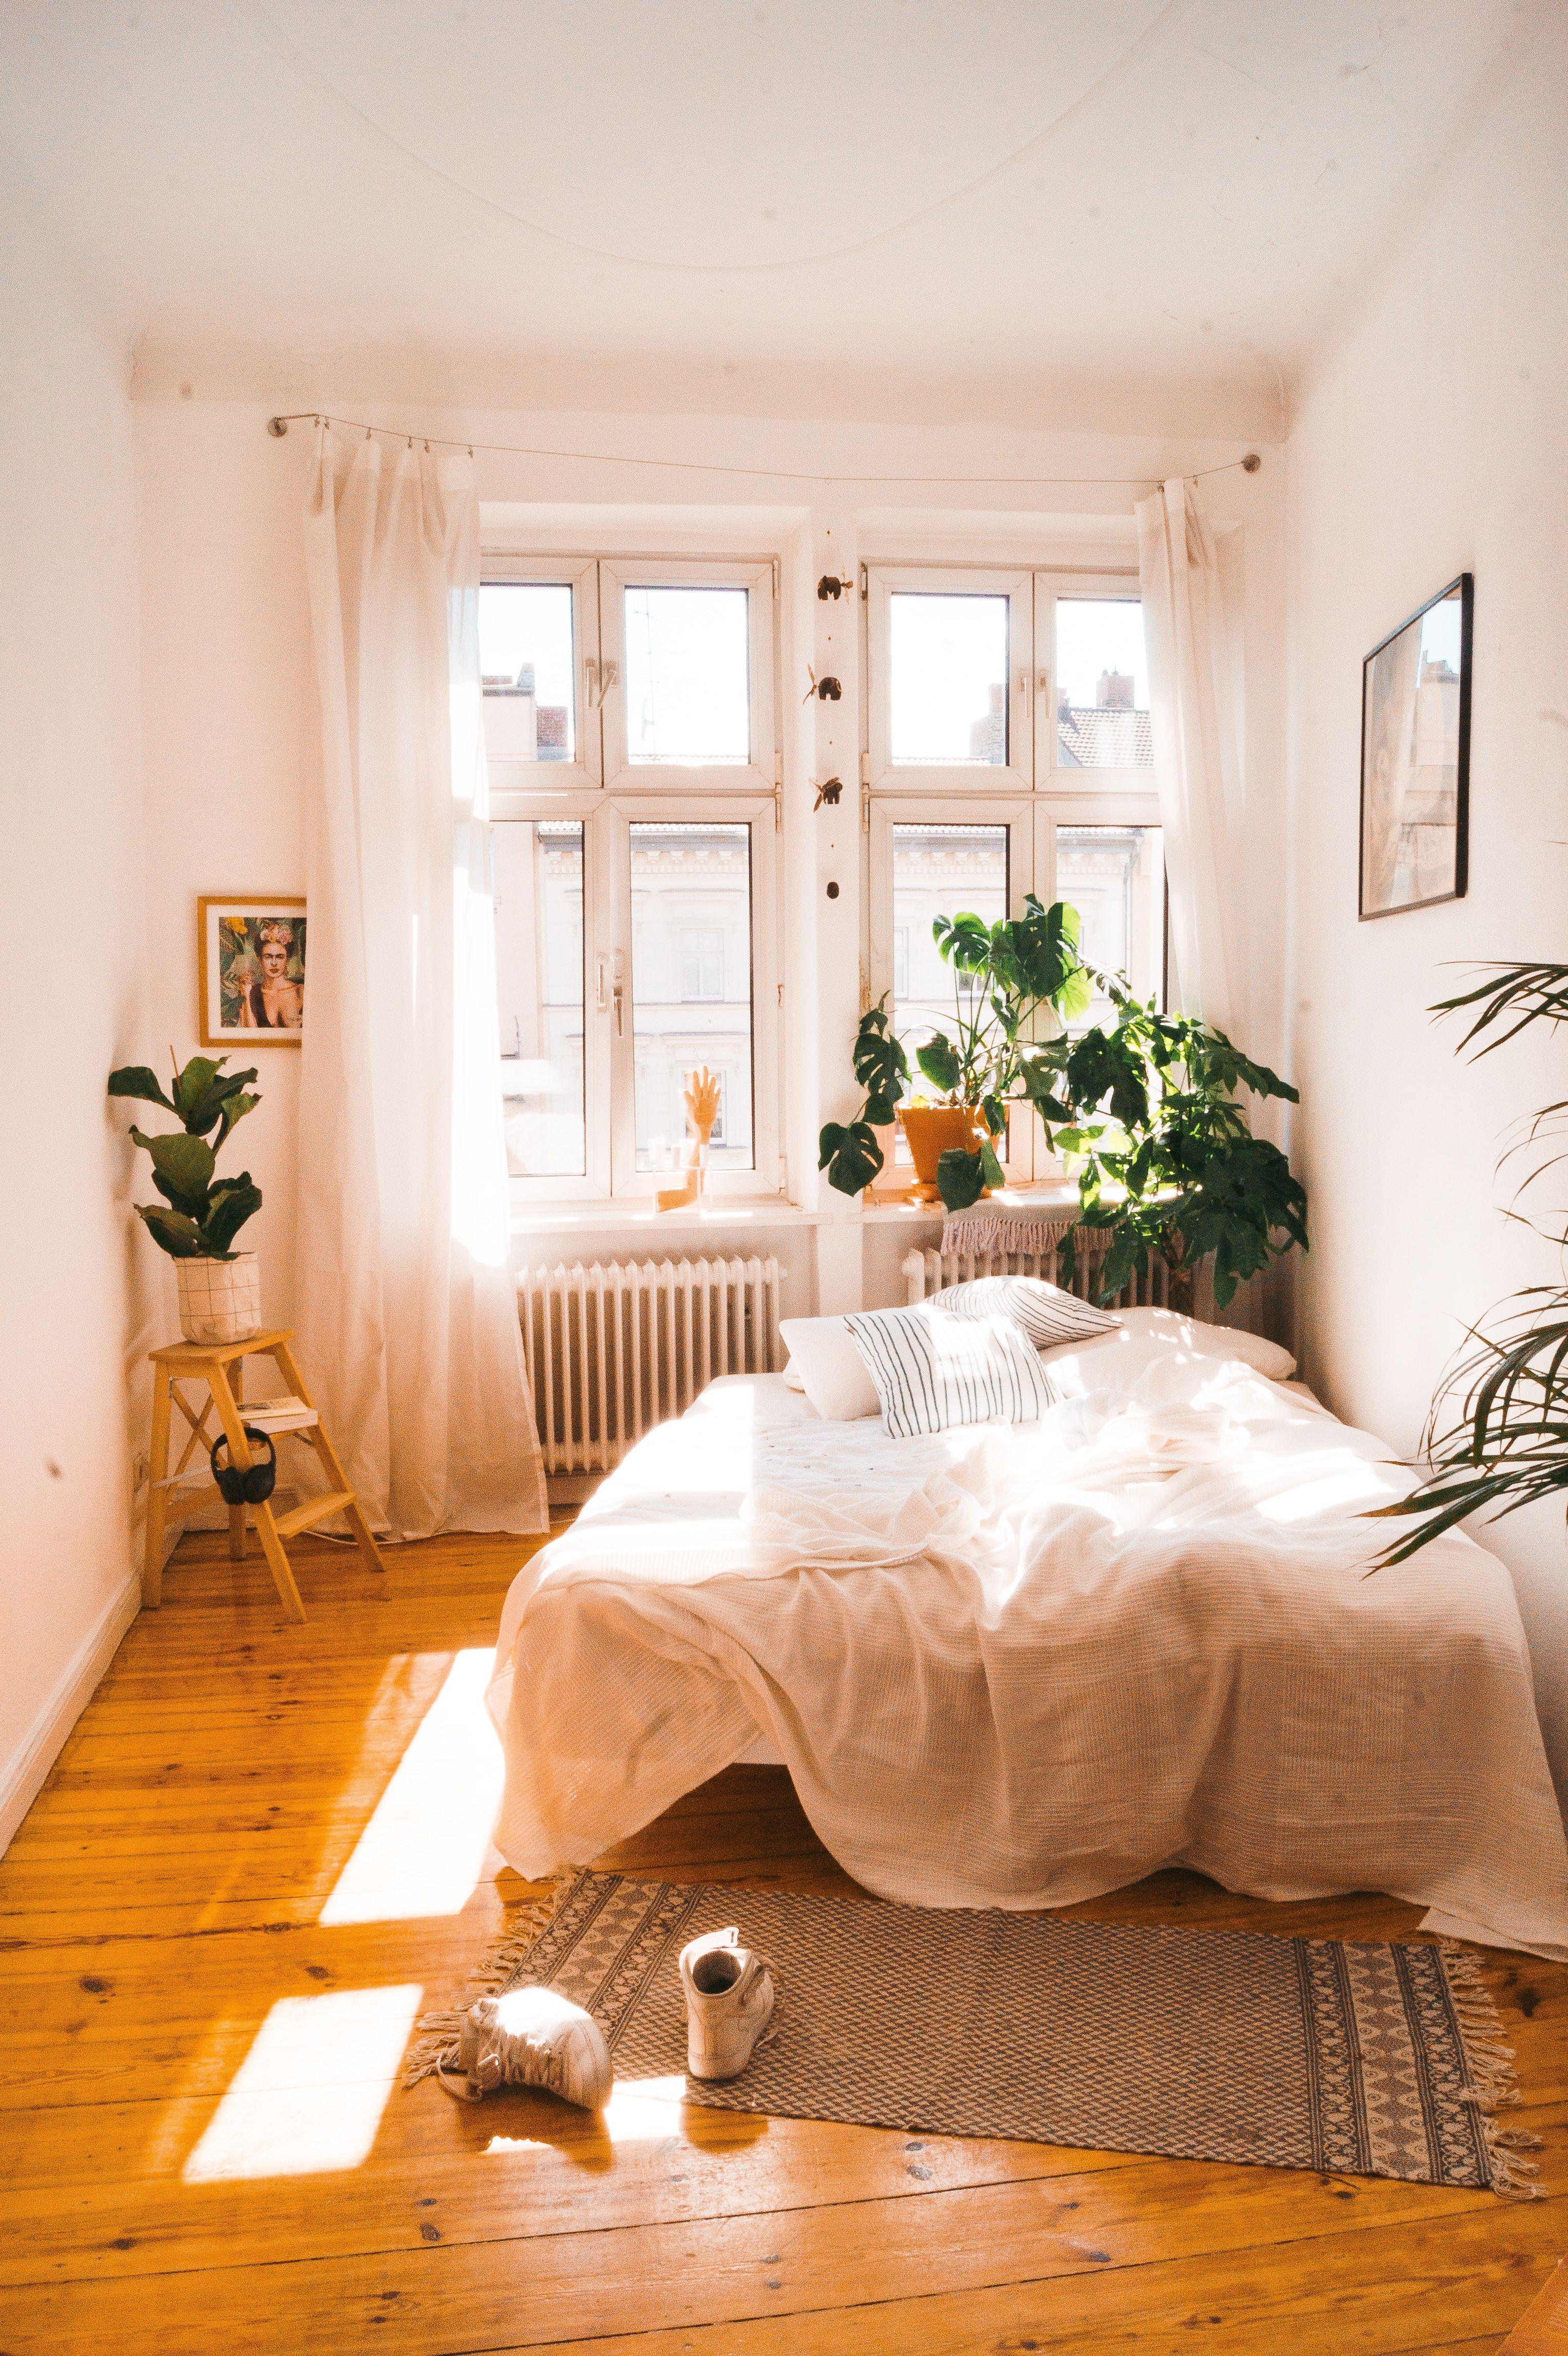 Deko Tipps Zum Wohlfuhl Wohnen Wohnen Zuhause Schlafzimmer Einrichten